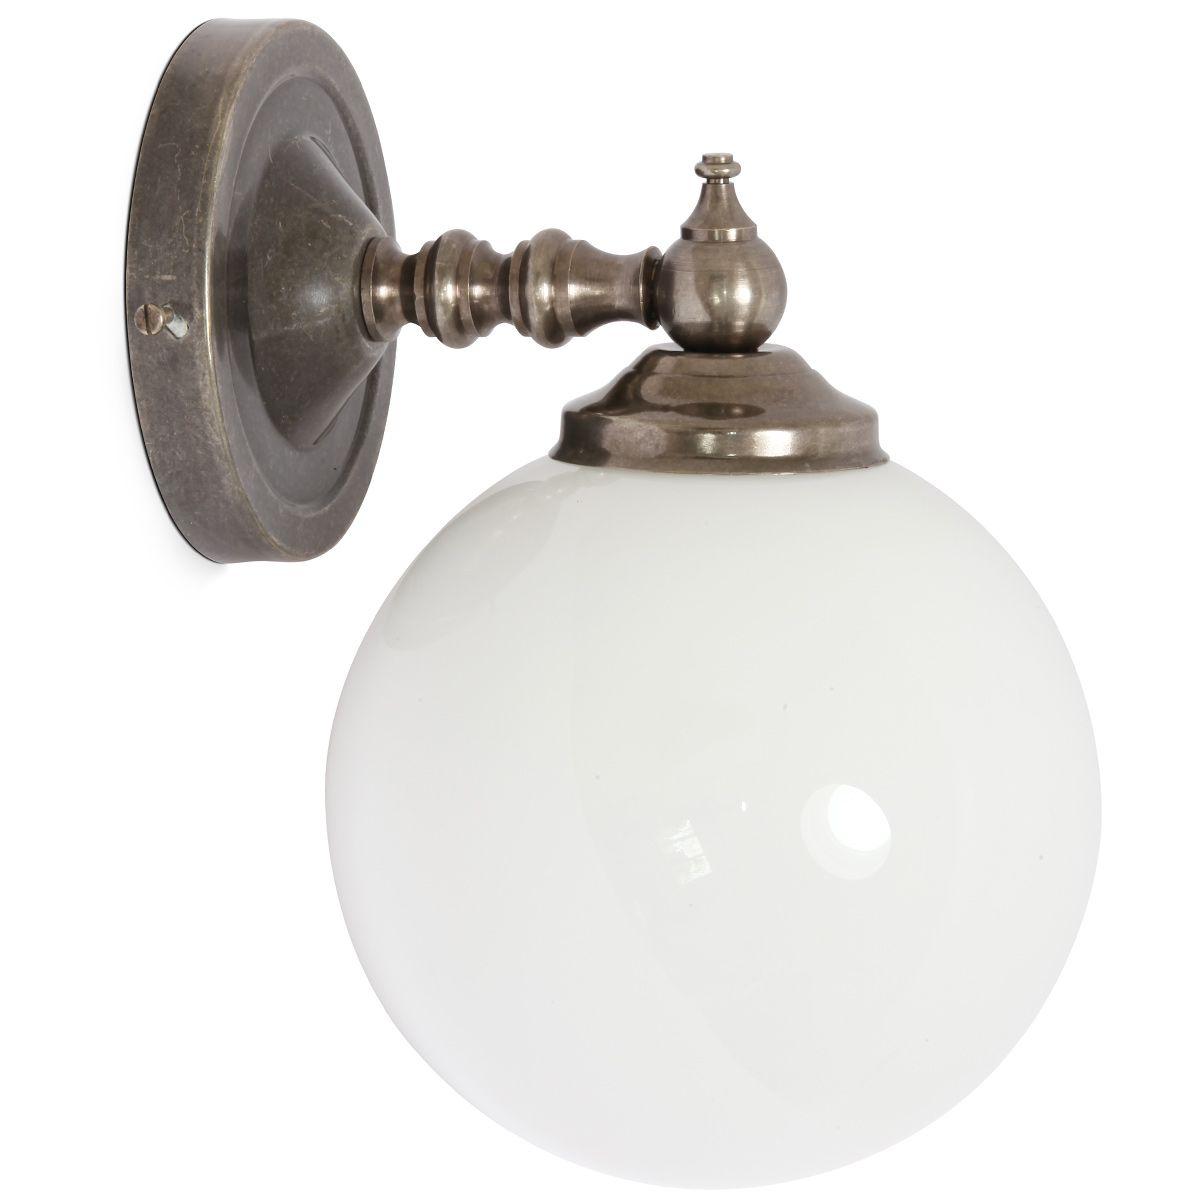 Glaskugel Wandleuchte Mit Antiker Anmutung Von Aire Lighting Ideen